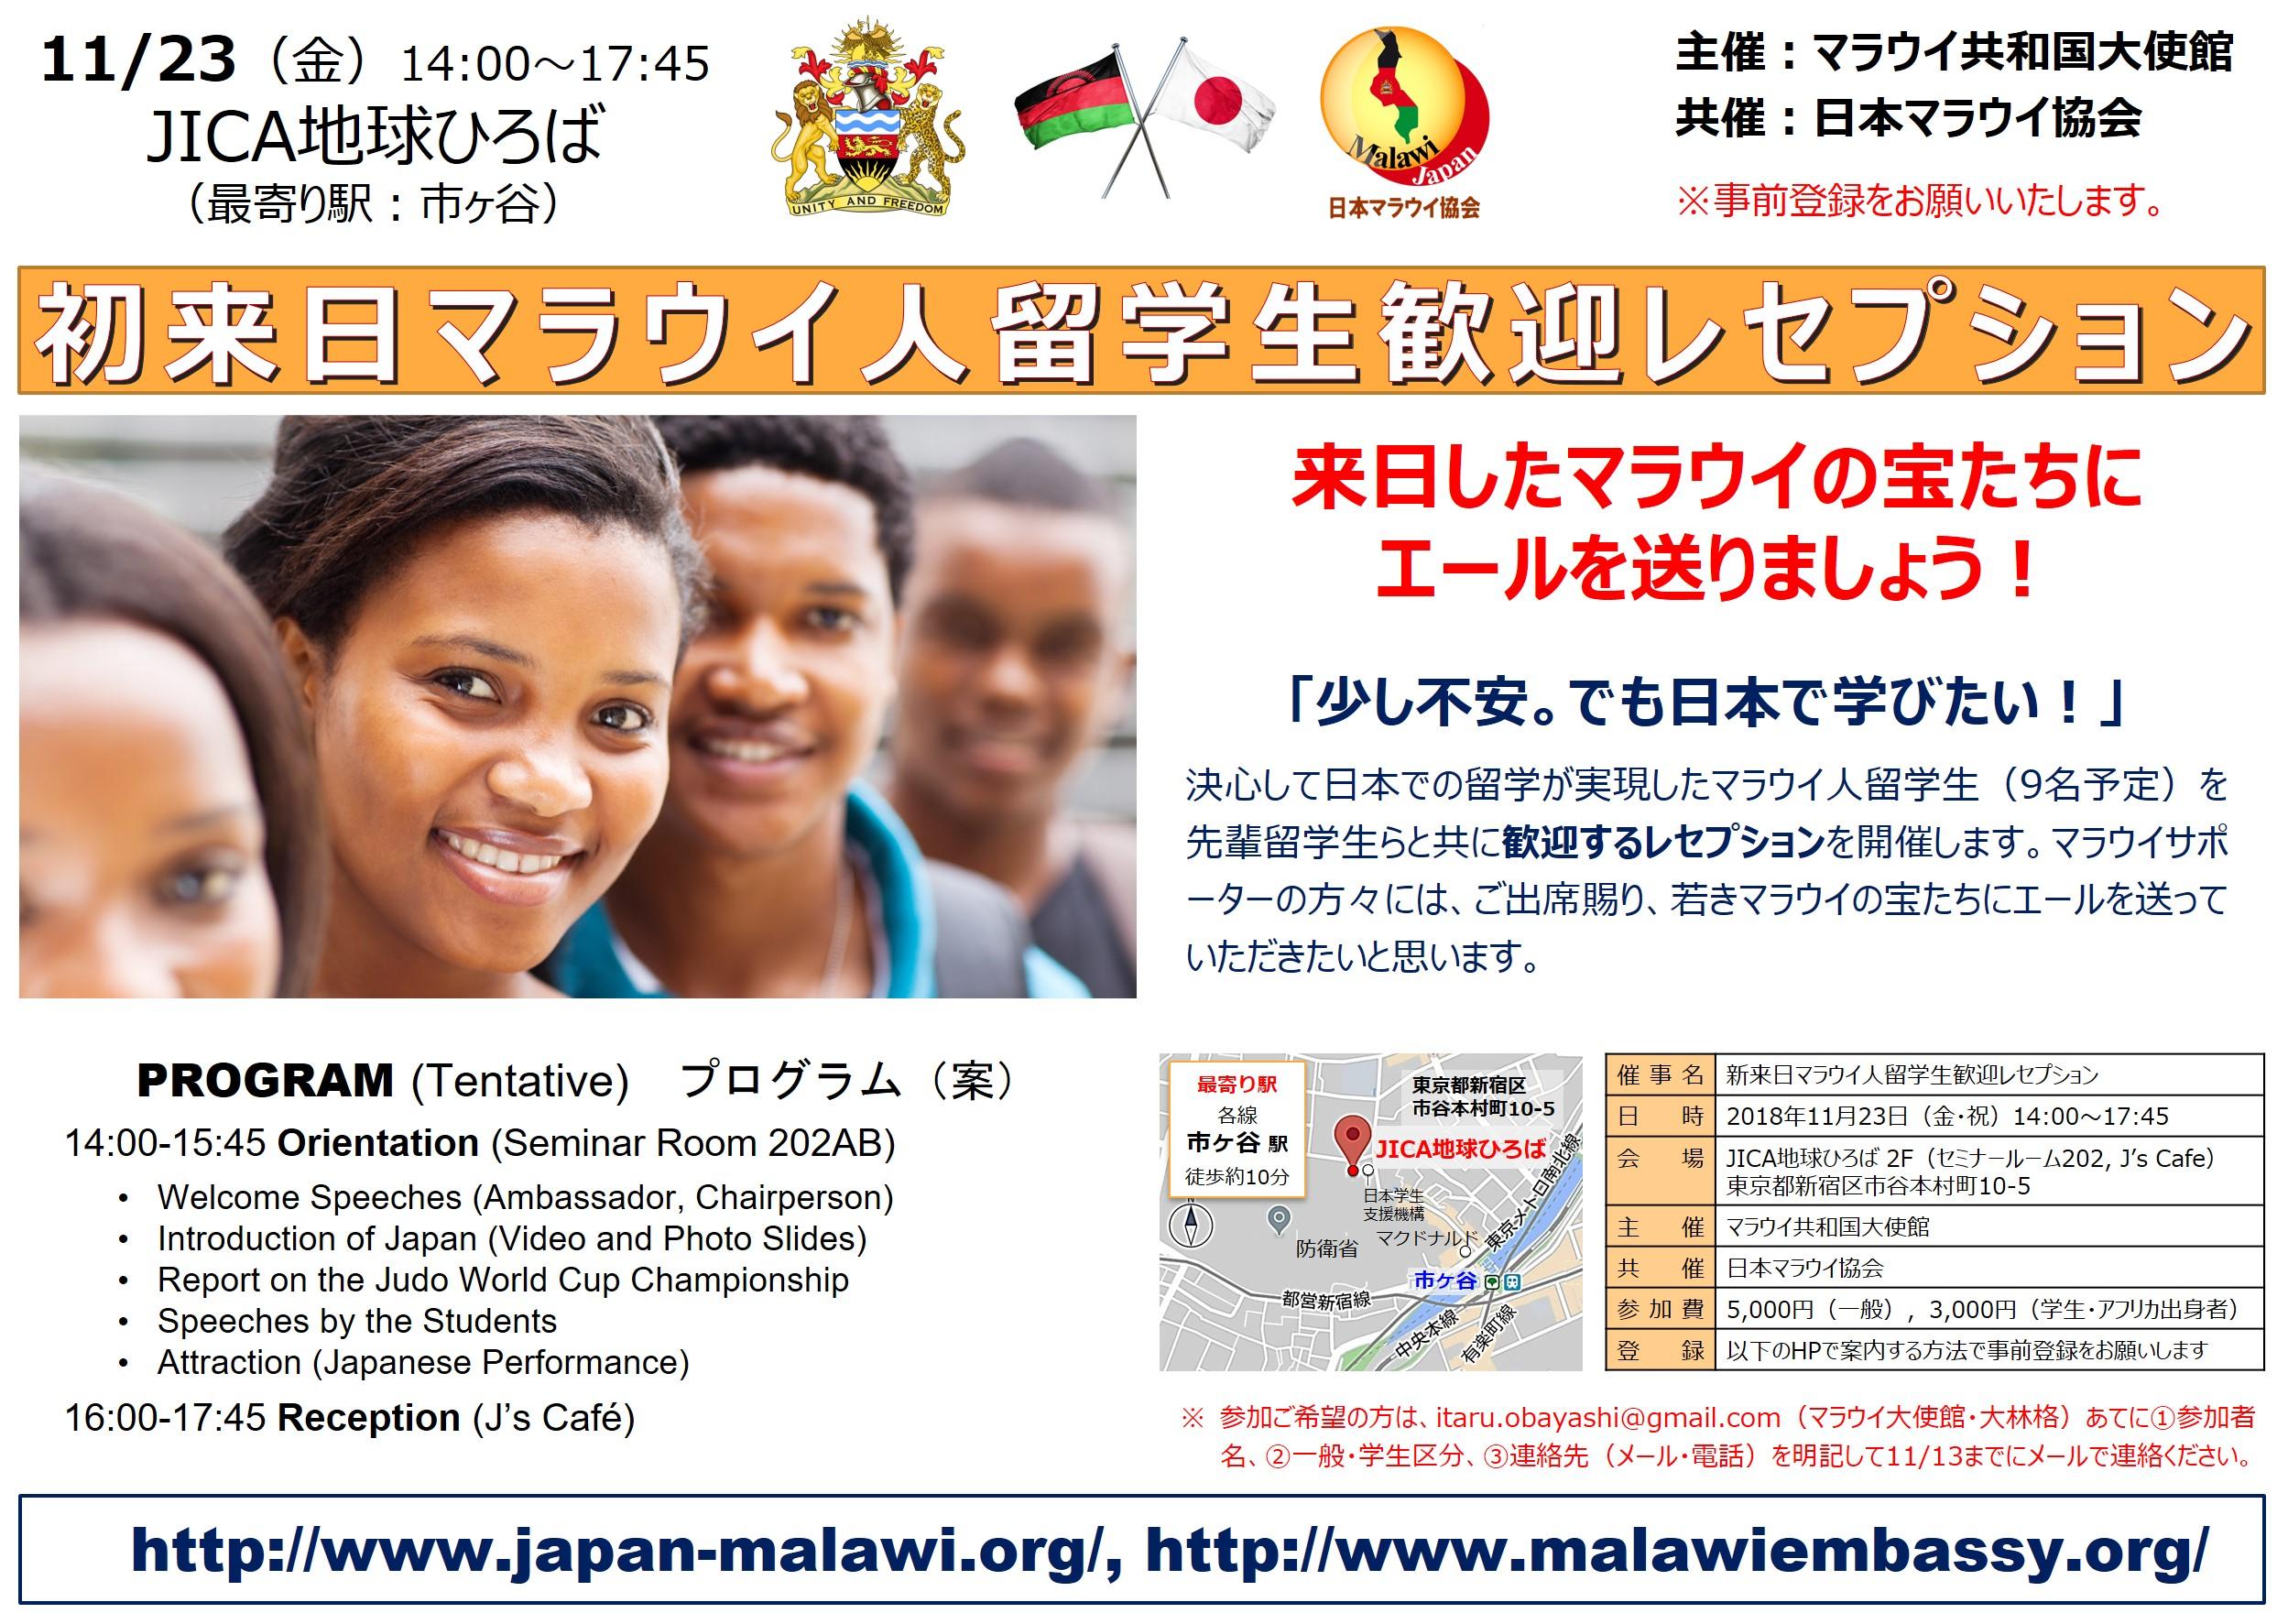 日本マラウイ協会 公式ホームペ...